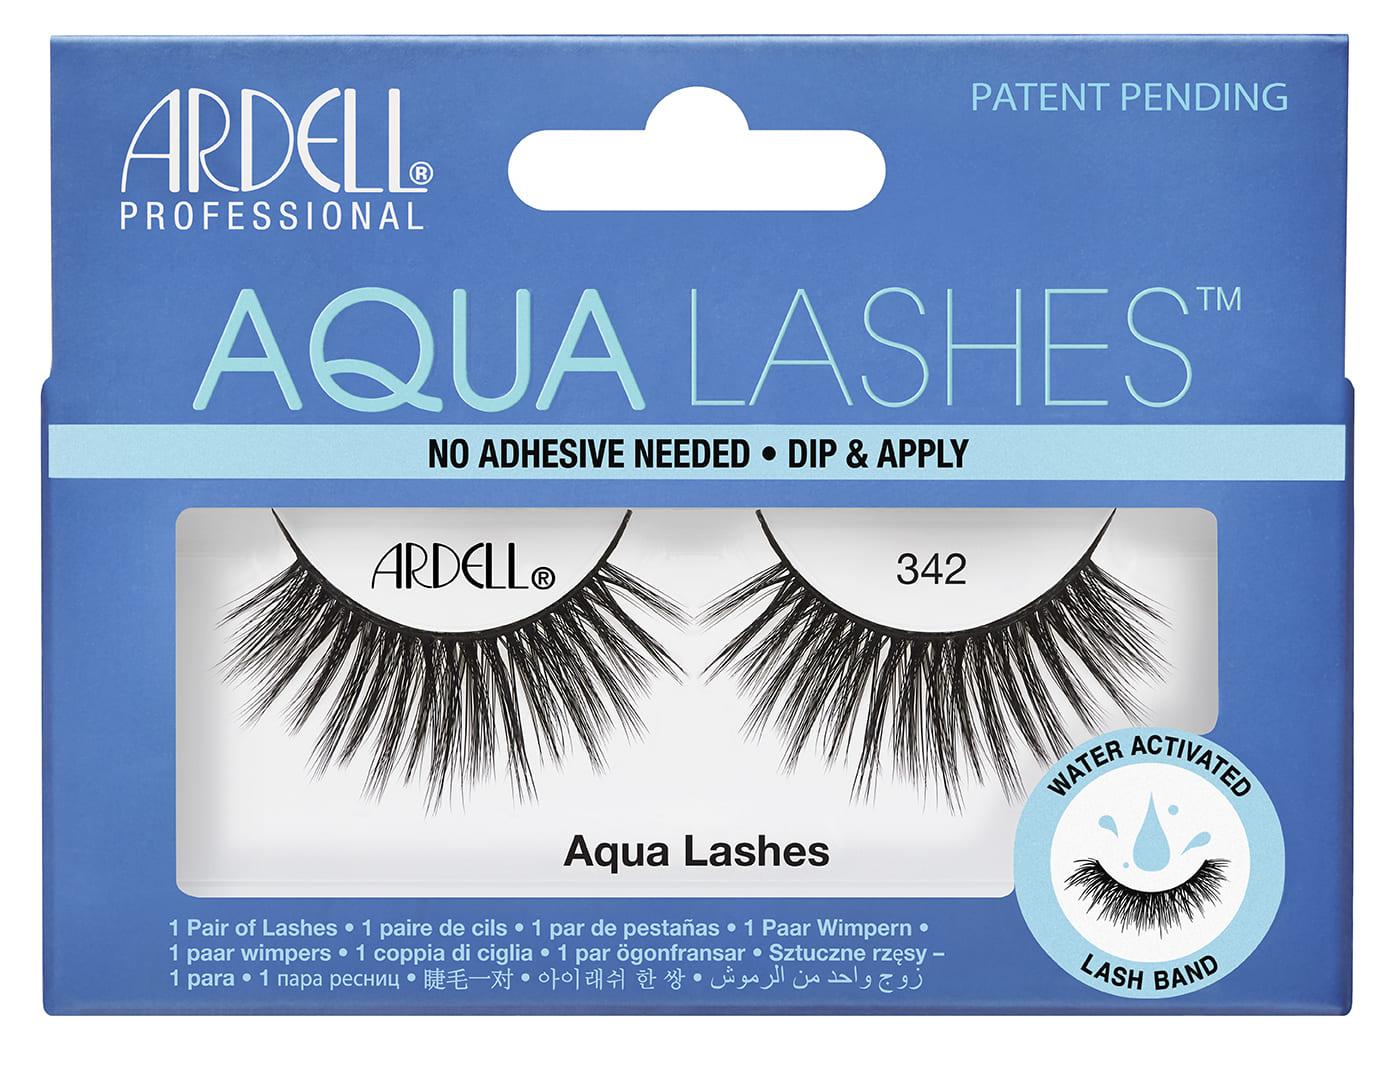 63403 Aqua Lashes 342 Front Box